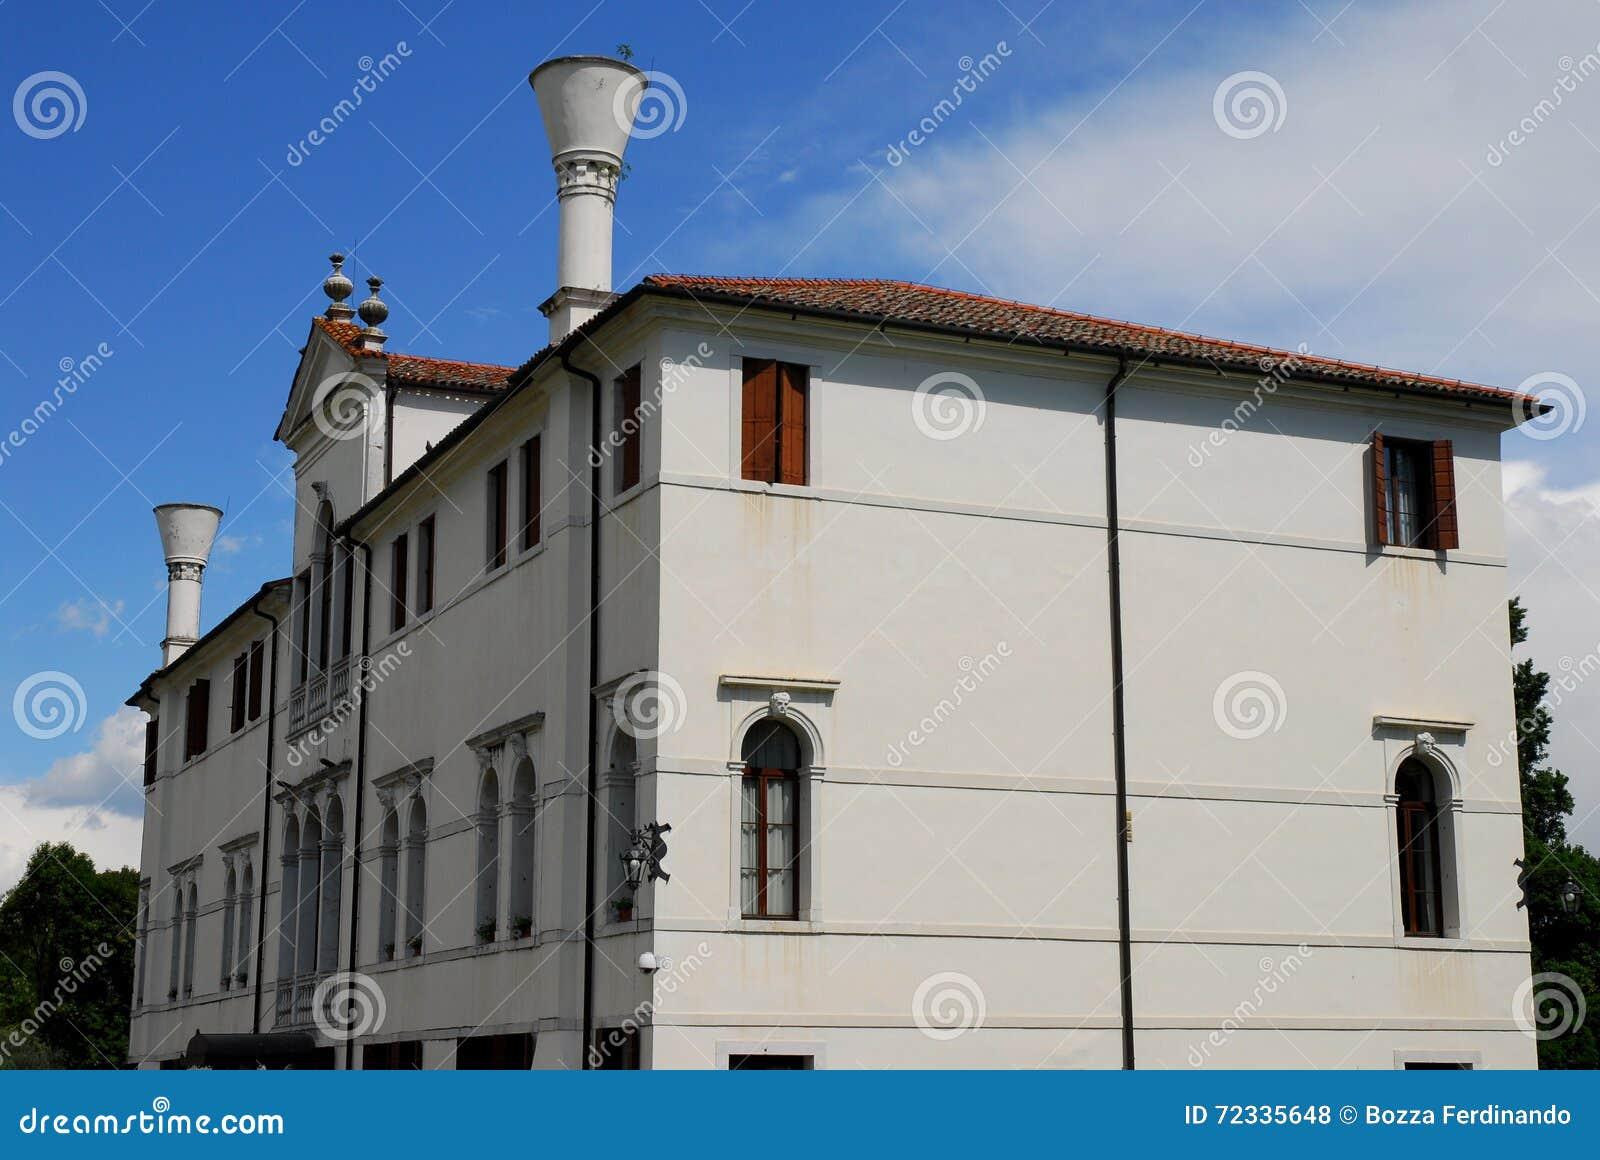 Elegant building in Portobuffolè in the province of Treviso in the Veneto (Italy)